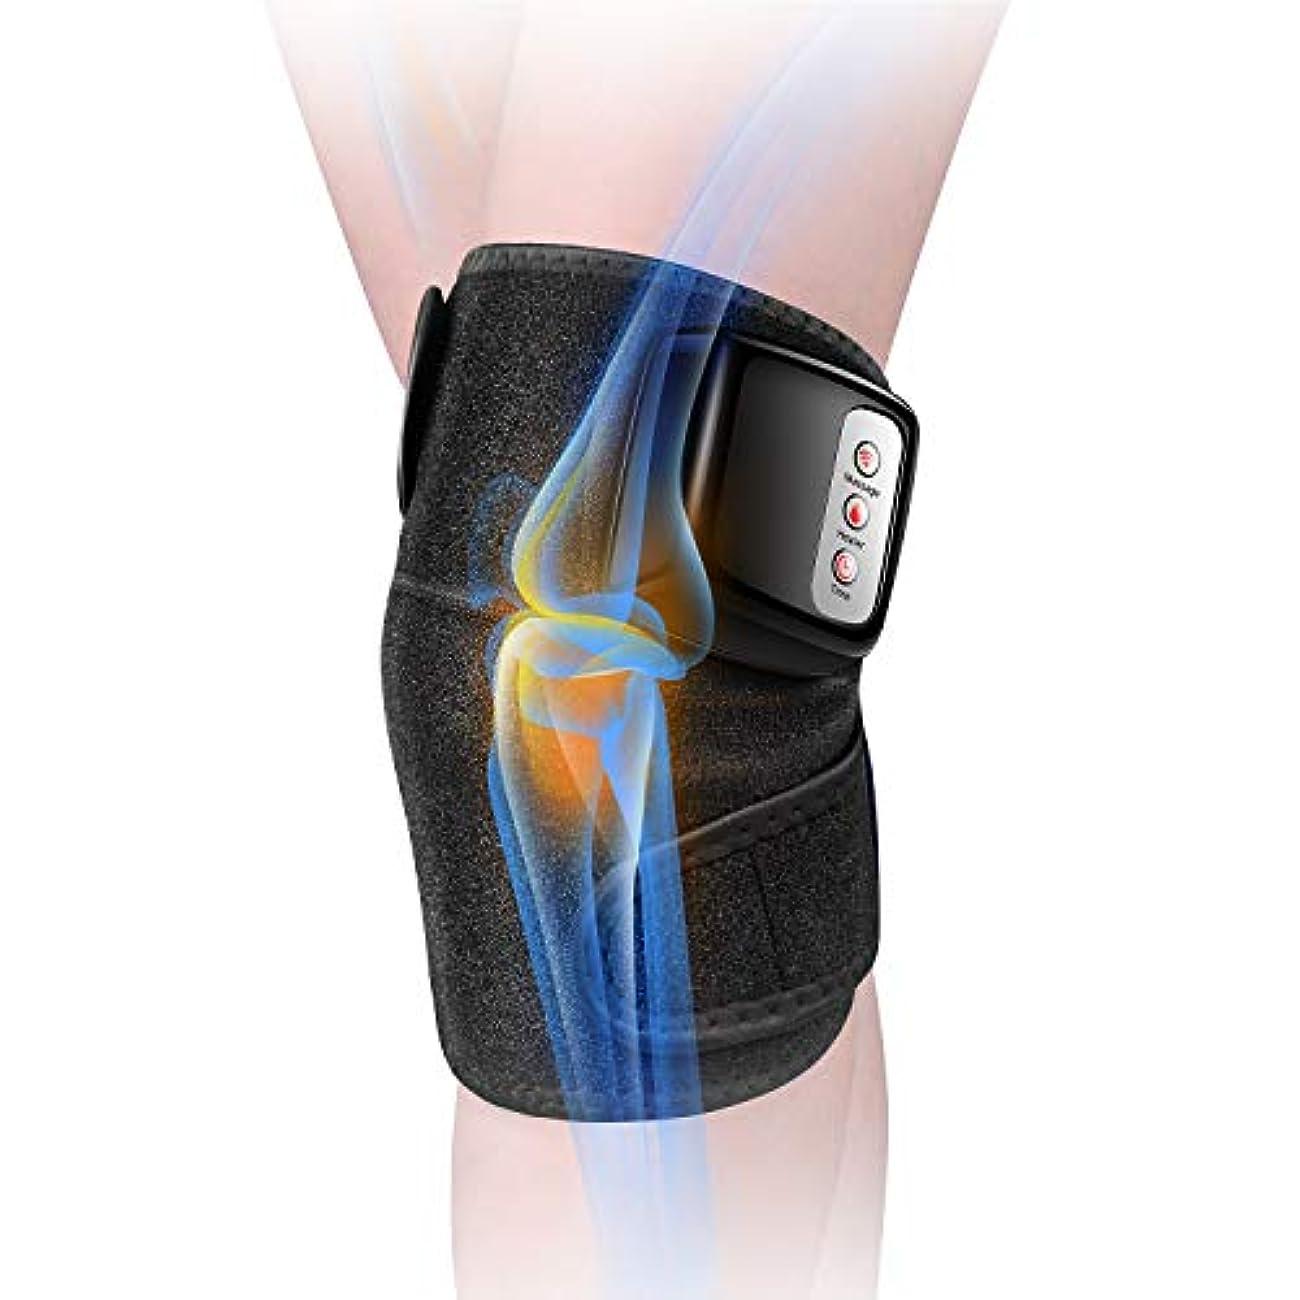 堤防いつでもすすり泣き膝マッサージャー 関節マッサージャー マッサージ器 フットマッサージャー 振動 赤外線療法 温熱療法 膝サポーター ストレス解消 肩 太もも/腕対応